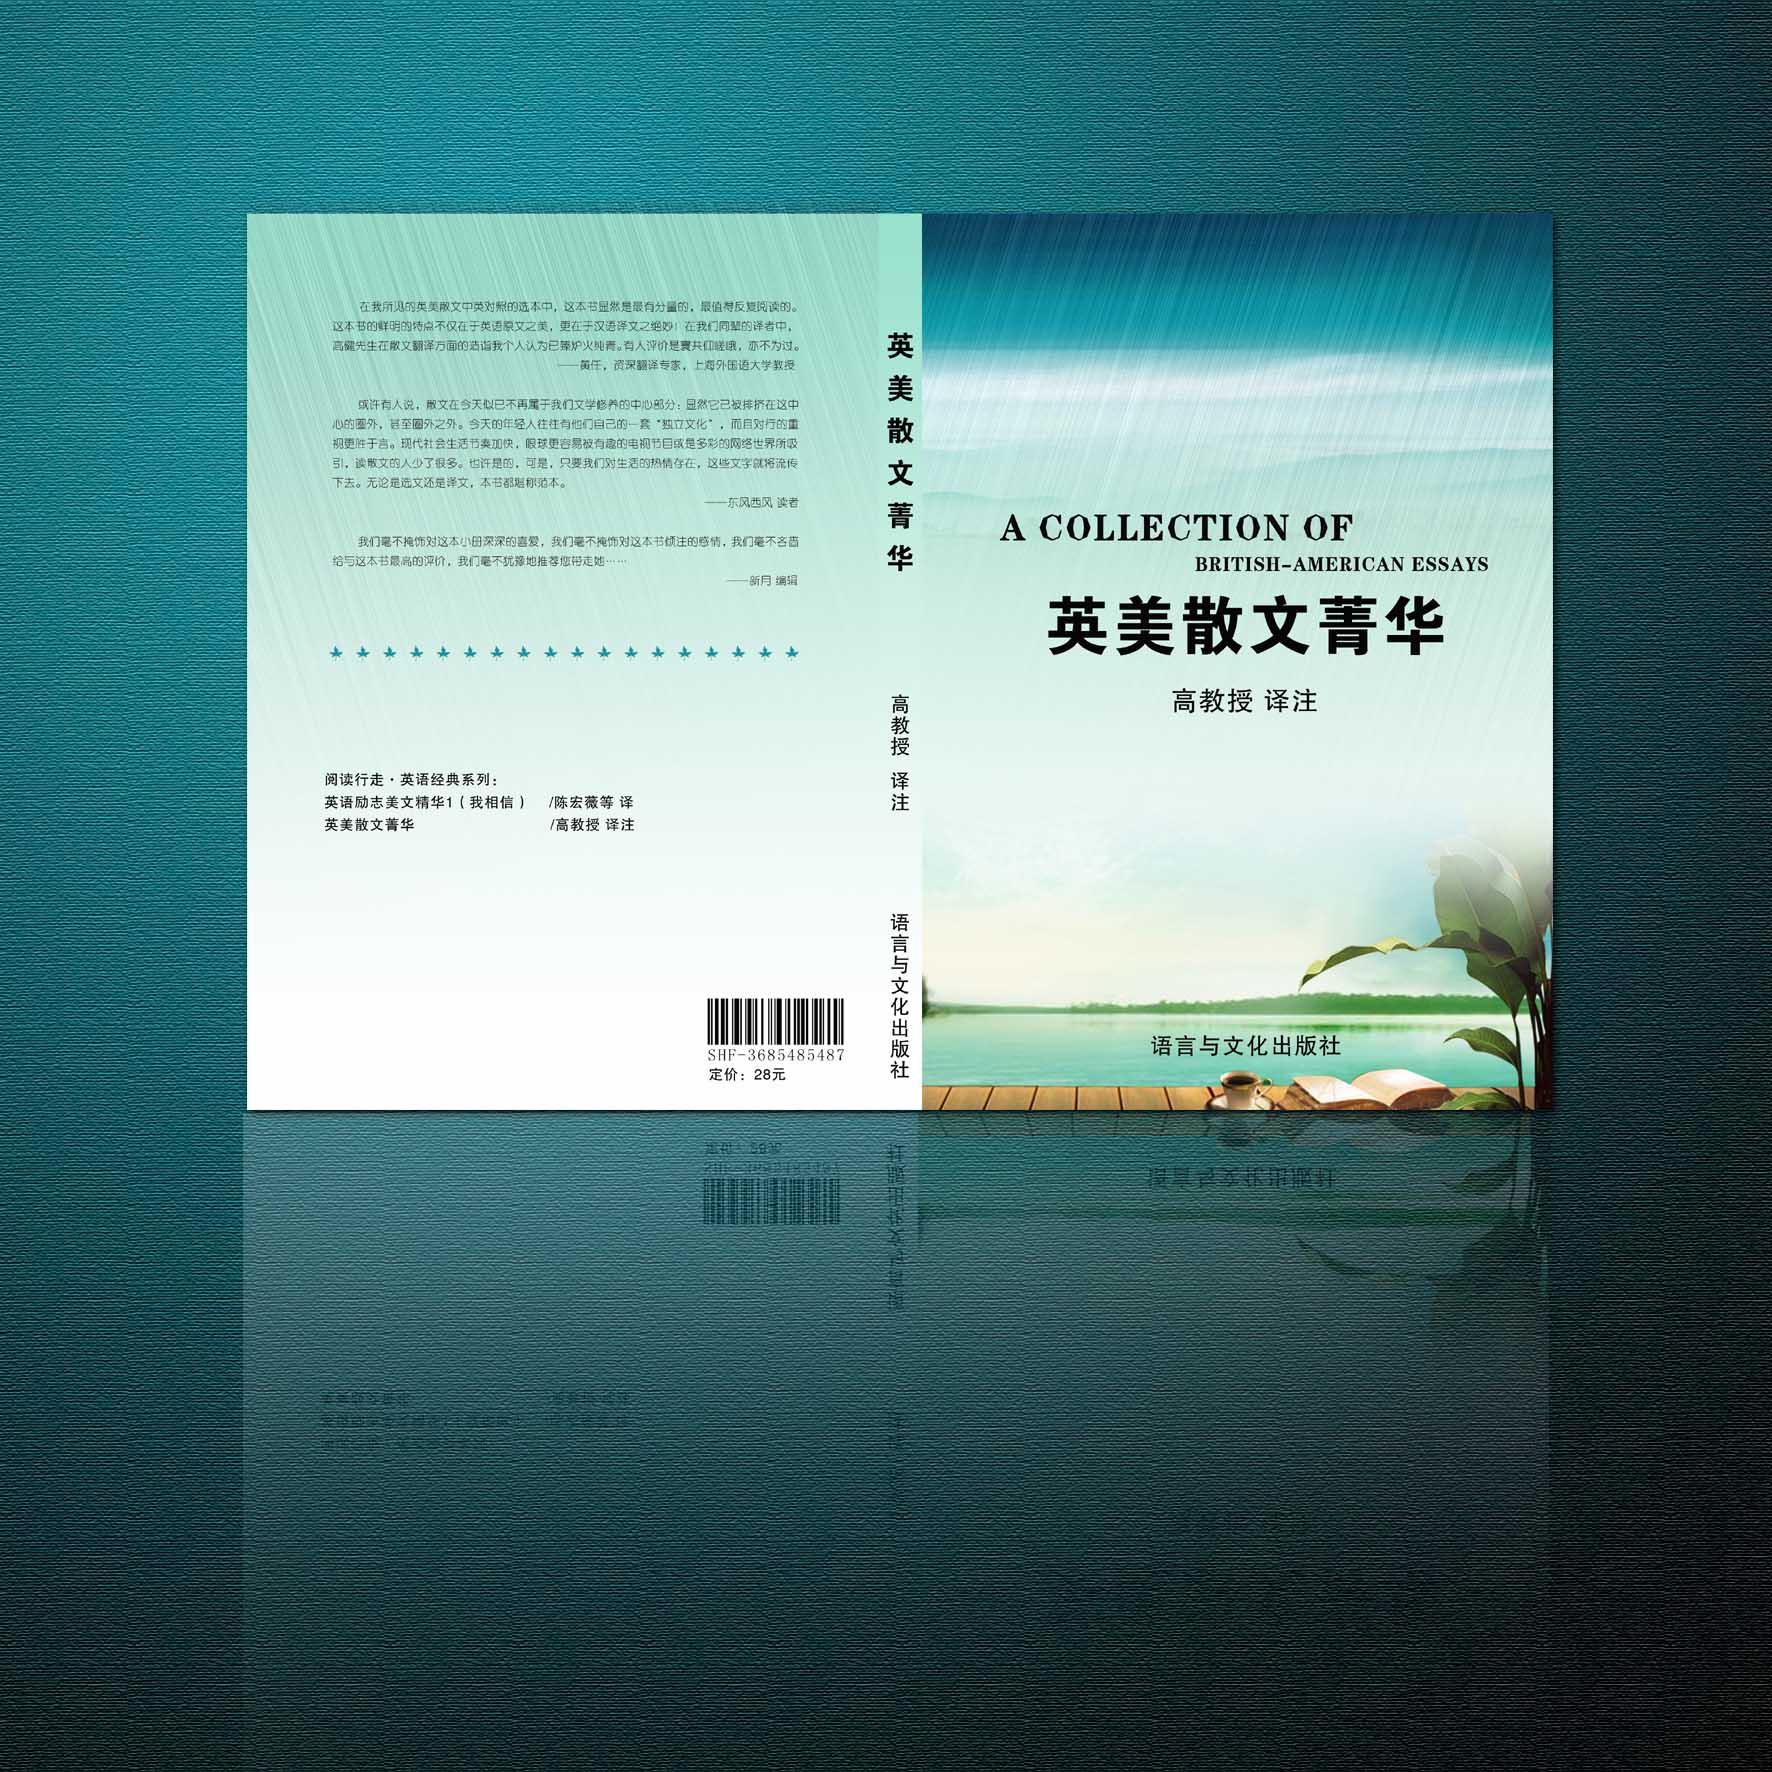 英美散文菁华/新编大学日语教材封面设计